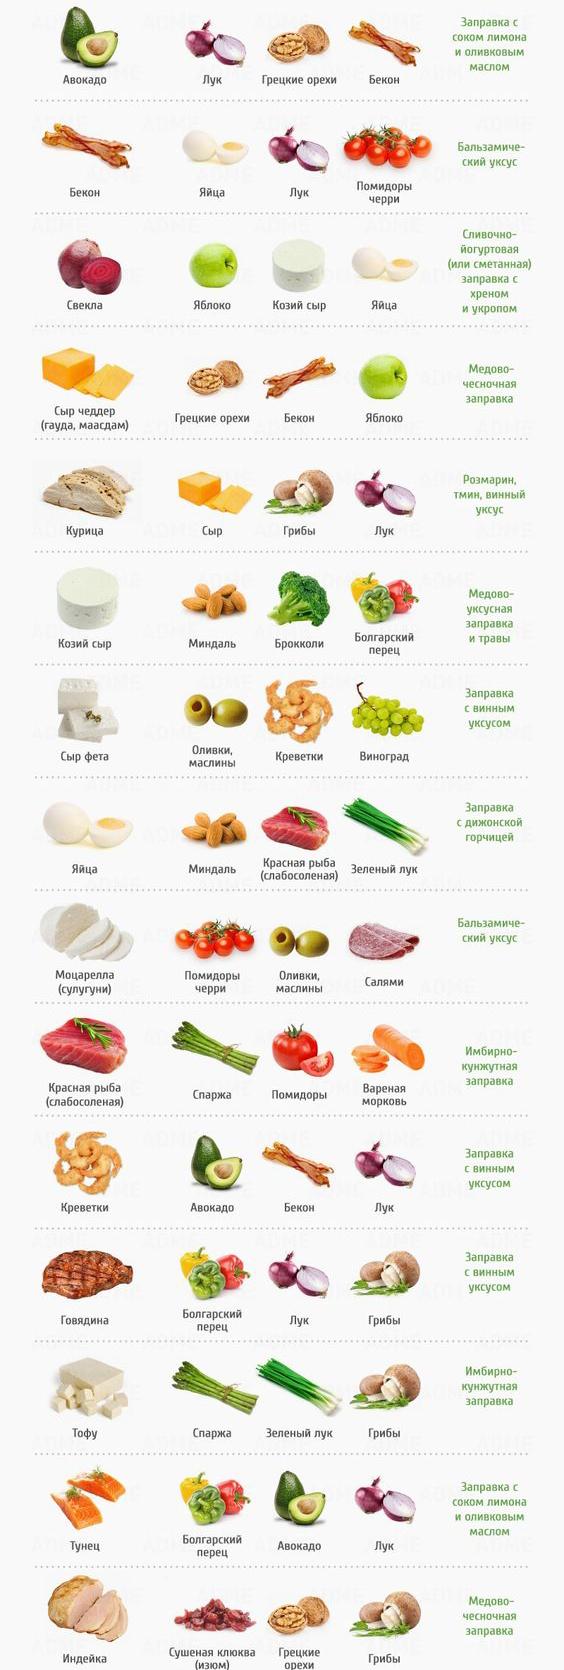 сочетание ингредиентов в салате